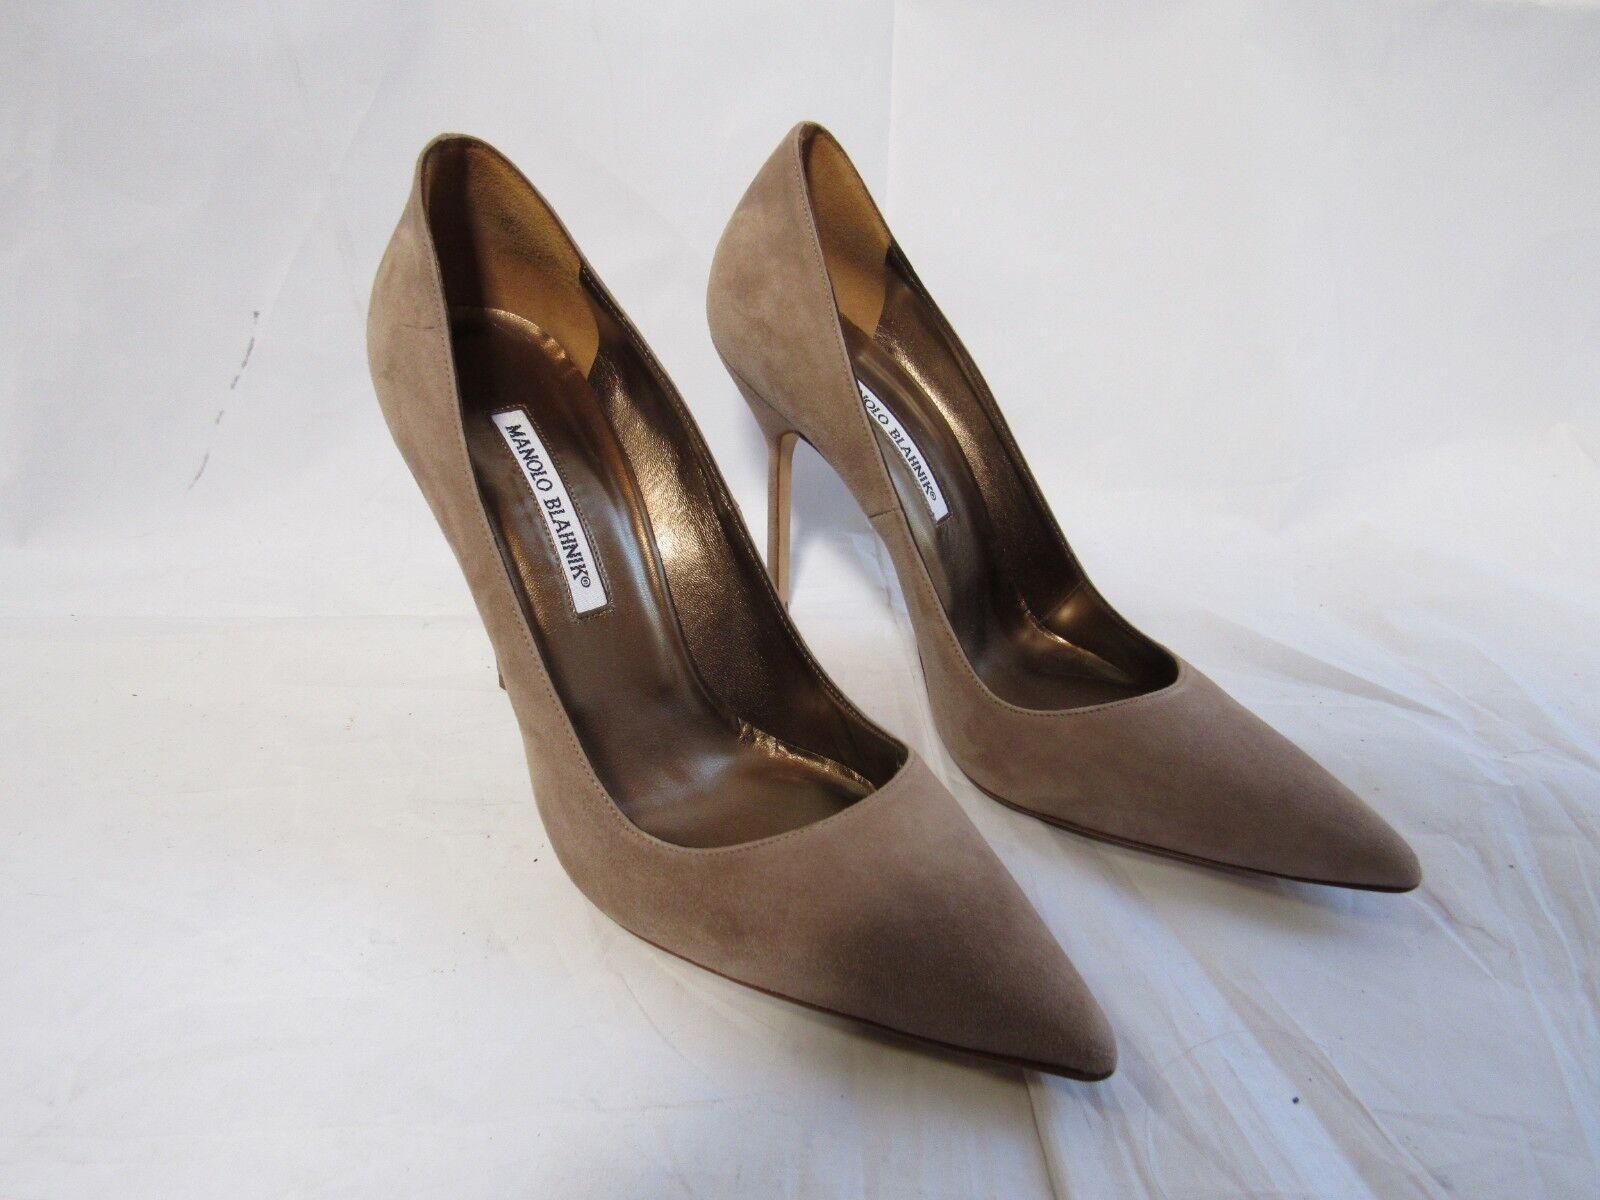 Manolo Blahnik Pointed Toe Tan Suele  Heels Dimensione 40  10 Worn Una volta  contatore genuino